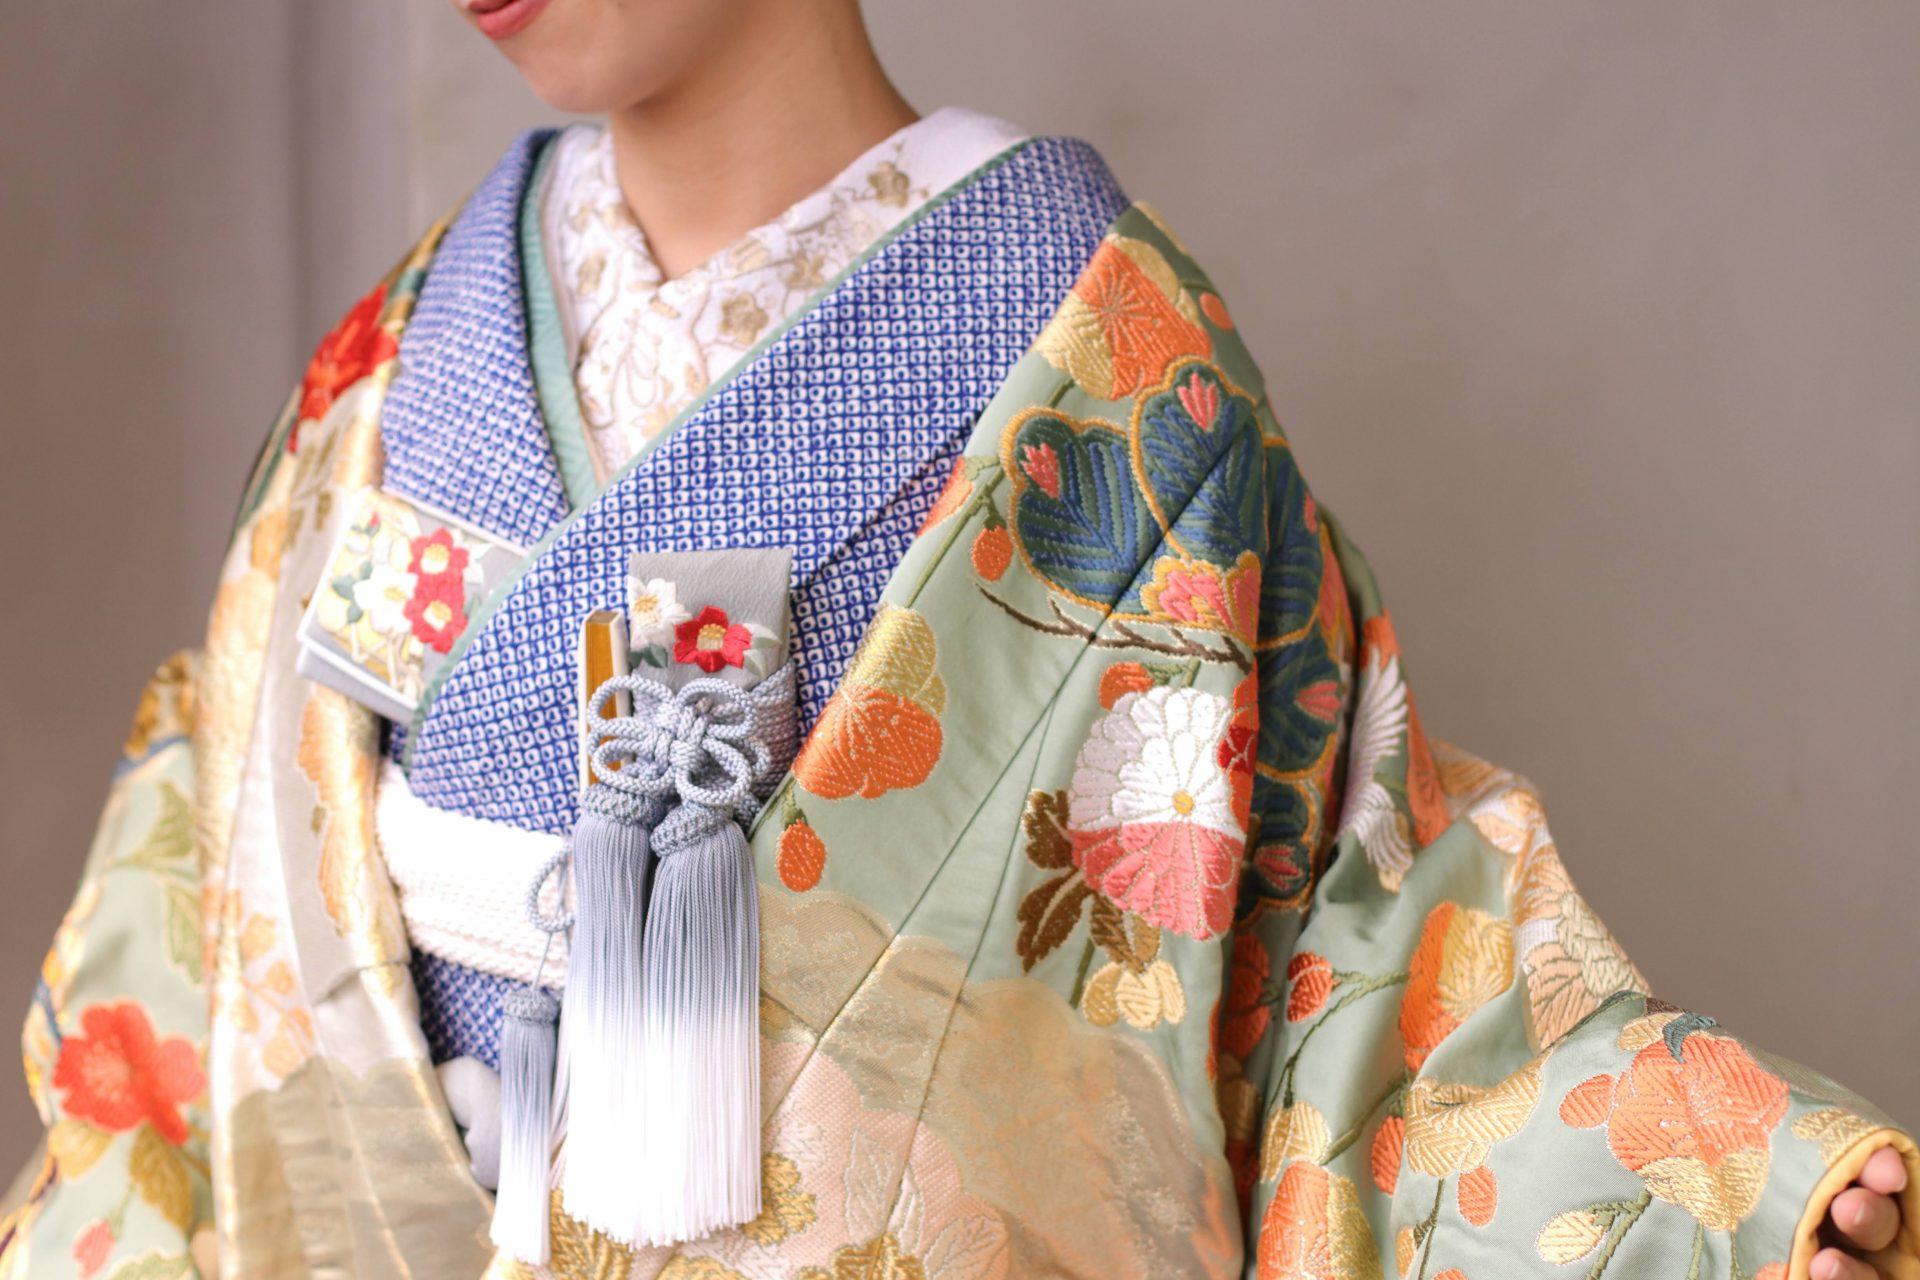 お着物が有名な京都の展示会でザ・トリート・ドレッシングが買い付けた唐織の色打掛は、コーディネートによってナチュラルな印象や古典的な印象に変わるので、ホテルウェディングやレストランウェディングなど幅広いウェディングスタイルにご着用いただけます